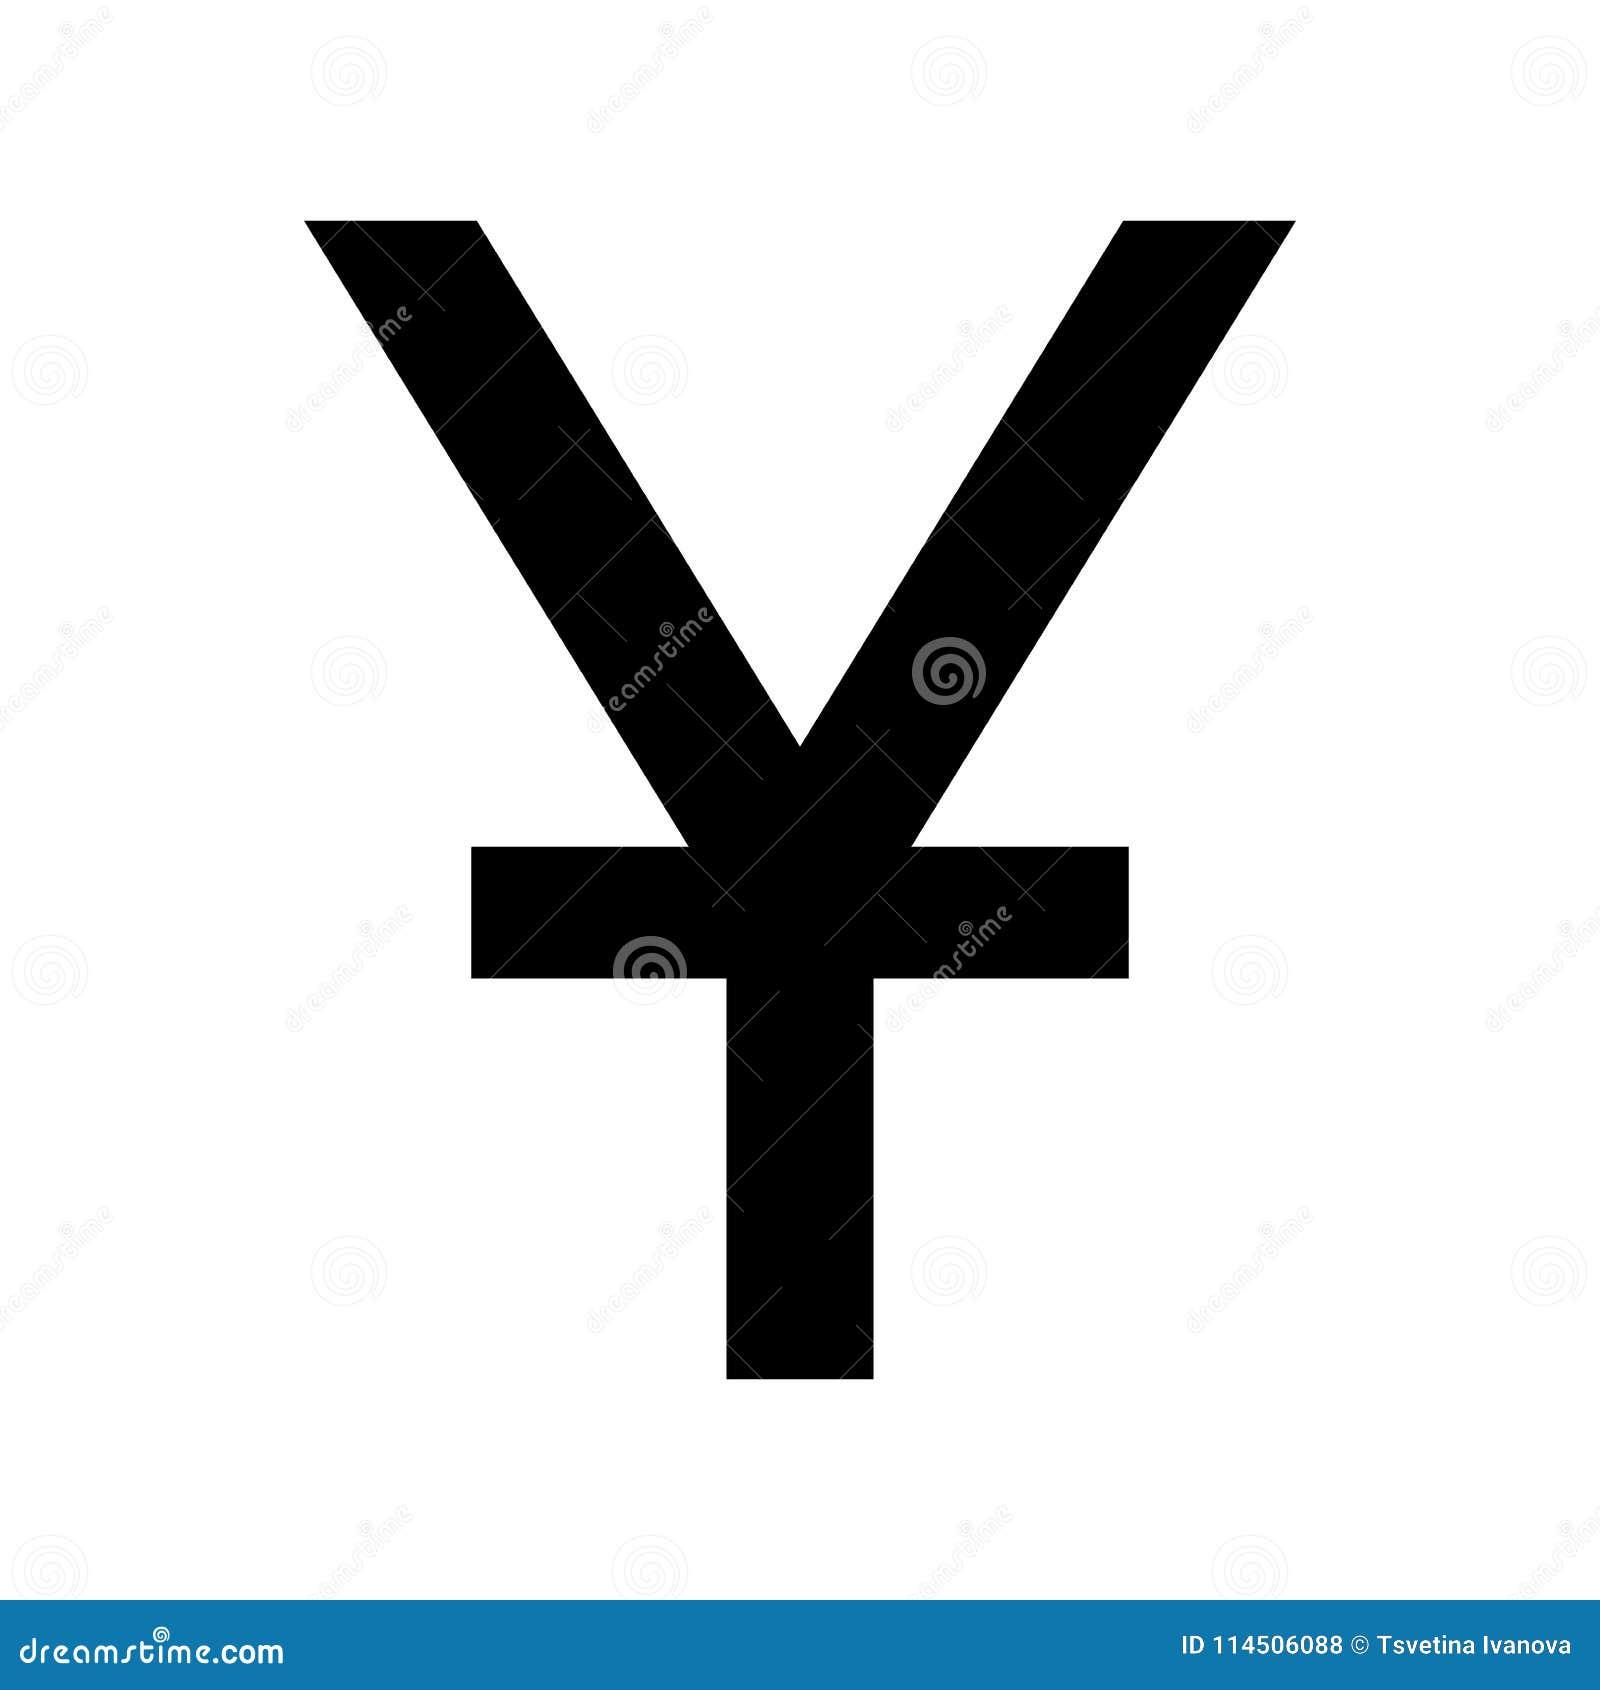 Chinese Yuan Currency Symbol Black China Yuan Sign Stock Vector